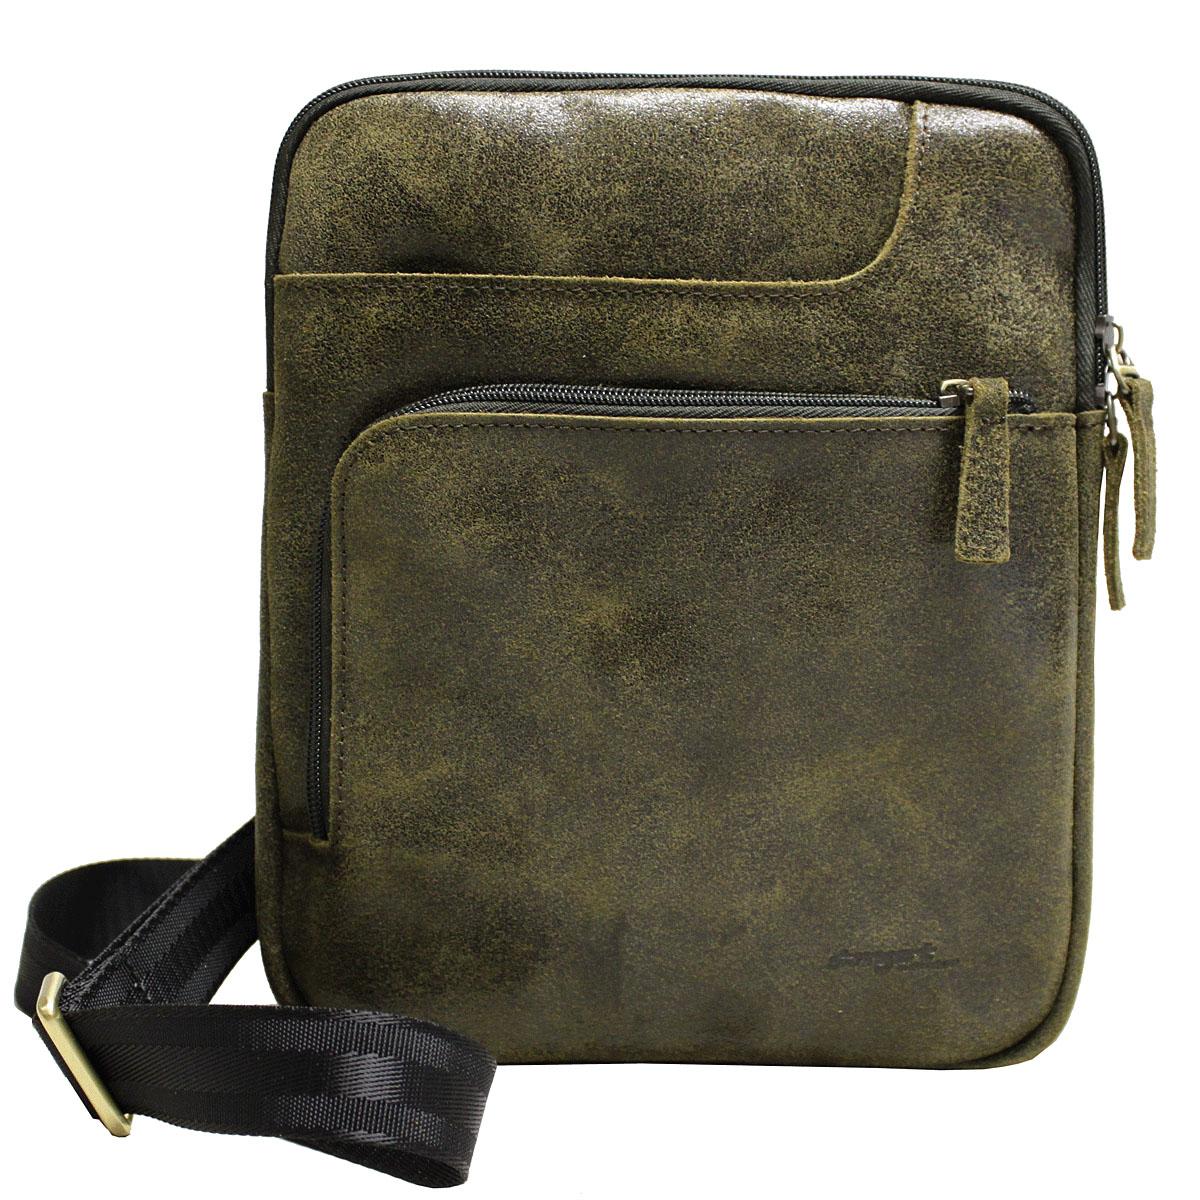 Сумка-планшет мужская Edmins Smart by Edmins, цвет: хаки. 15С681КОЗ15С681КОЗМужская сумка Edmins имеет одно отделение, закрывающееся на застежку-молнию. Оснащена регулируемым плечевым ремнем. C тыльной стороны сумки расположен прорезной карман на застежке-молнии. С передней стороны имеется накладной карман на молнии и накладной карман на магните.